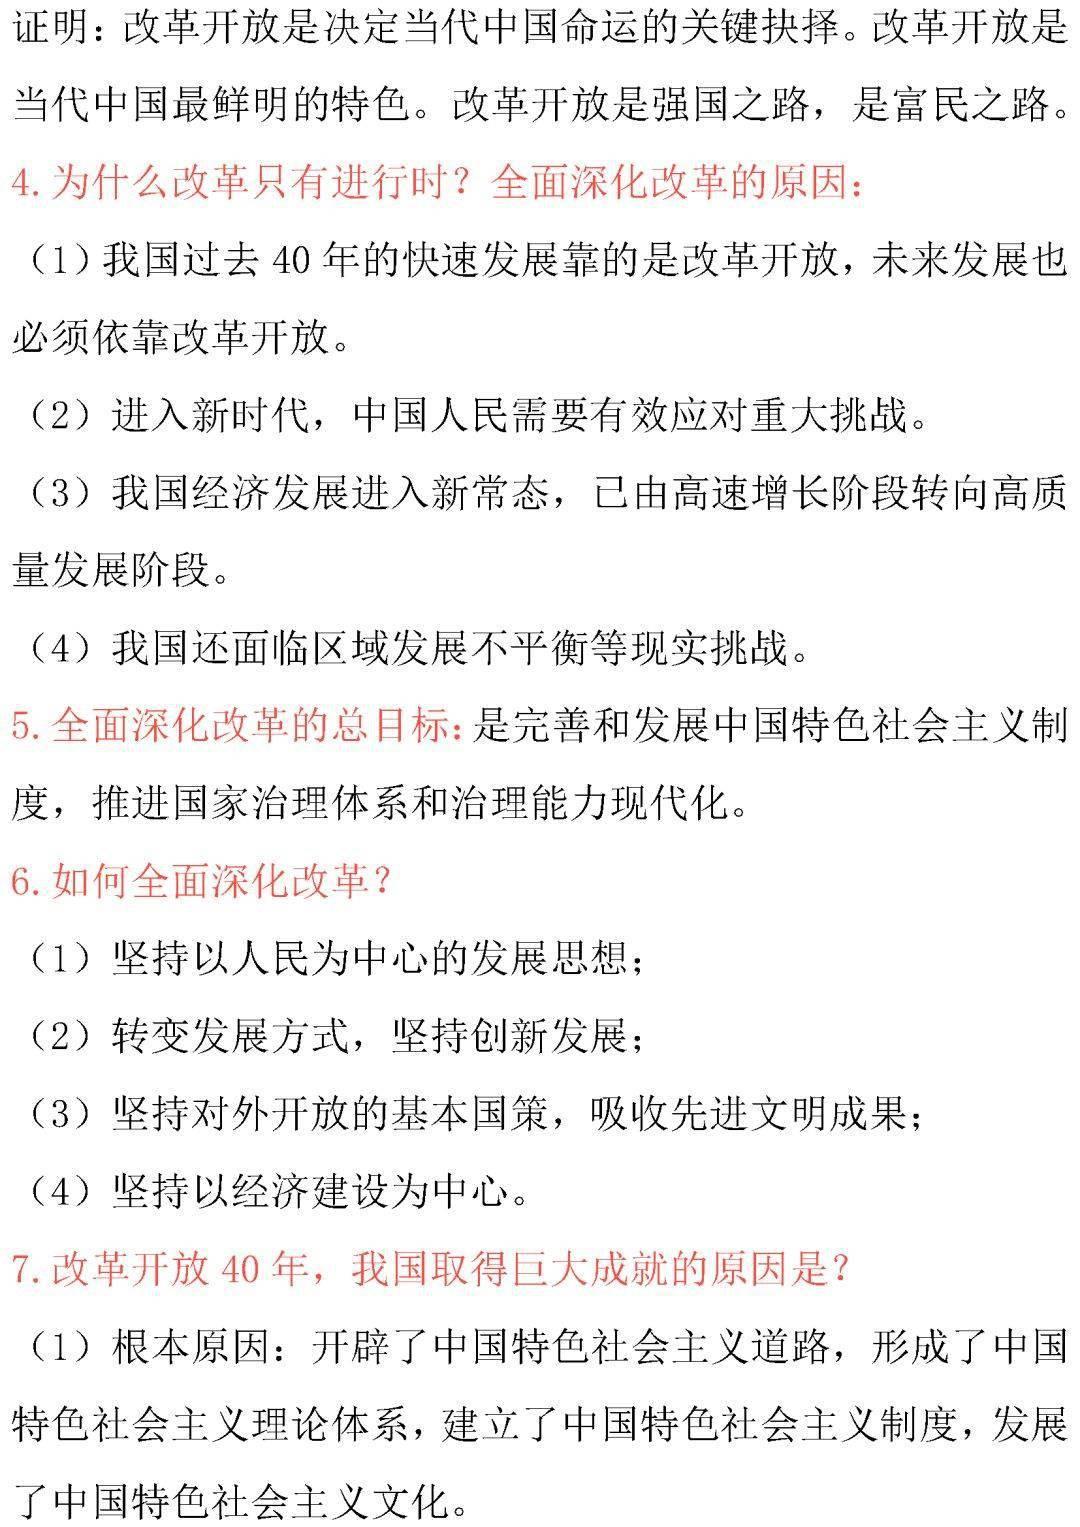 沐鸣平台总代-首页【1.1.1】